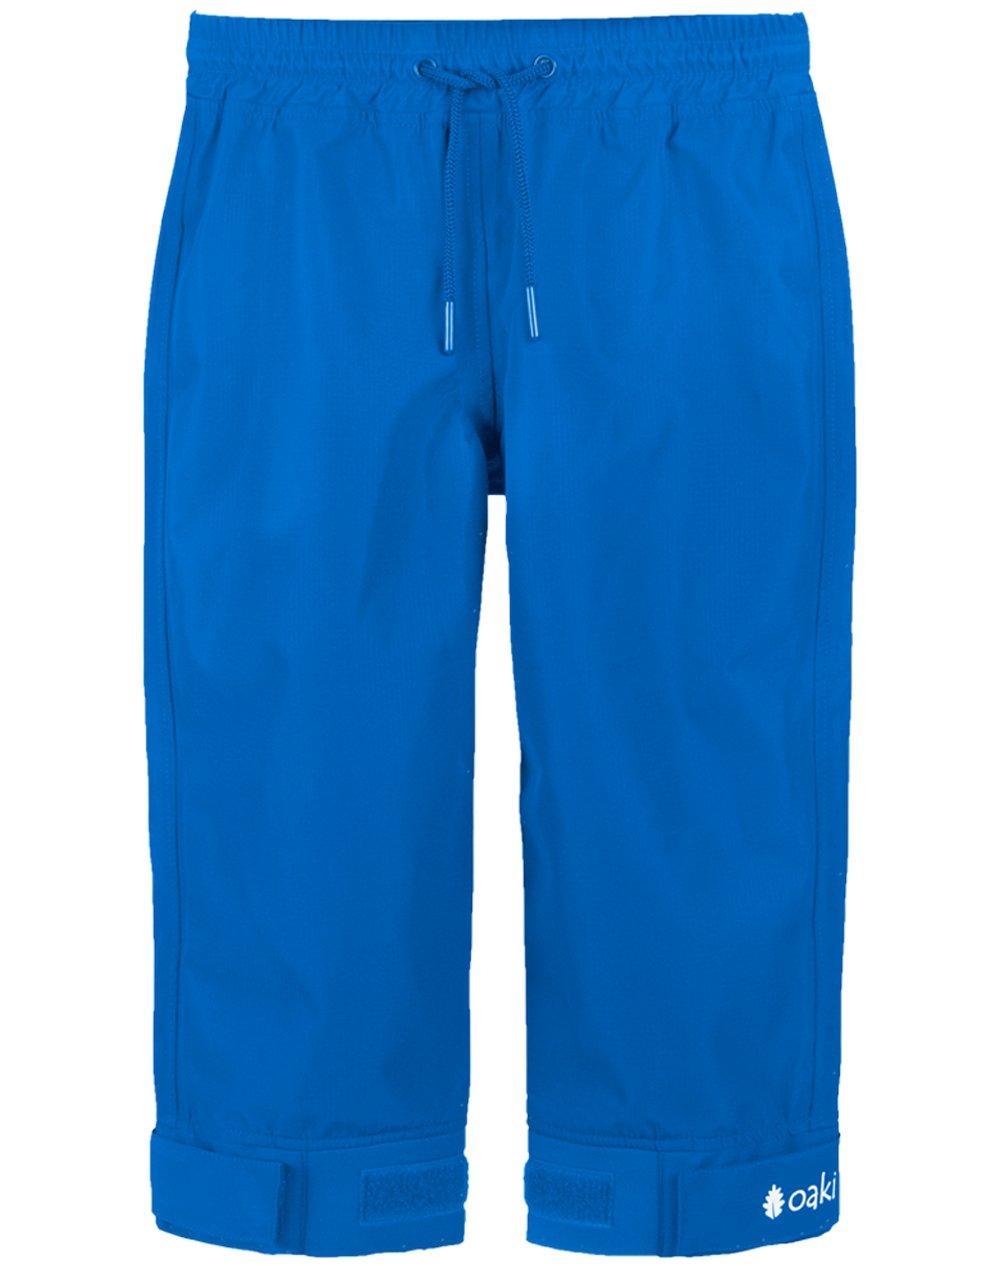 Oakiwear Children's Trail Rain Pants, Cobalt Blue 10/11 by Oakiwear